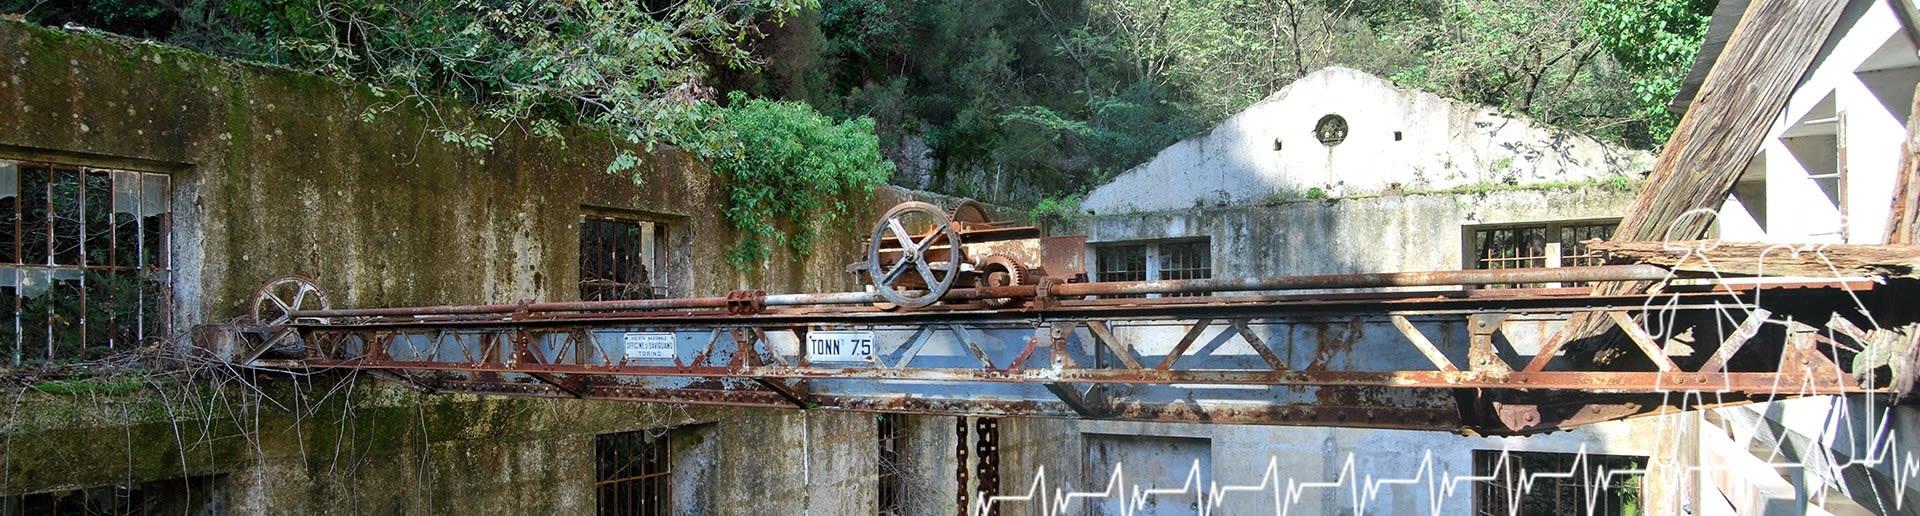 Marmarico (Bivongi); Carro ponte nella centrale del Marmarico